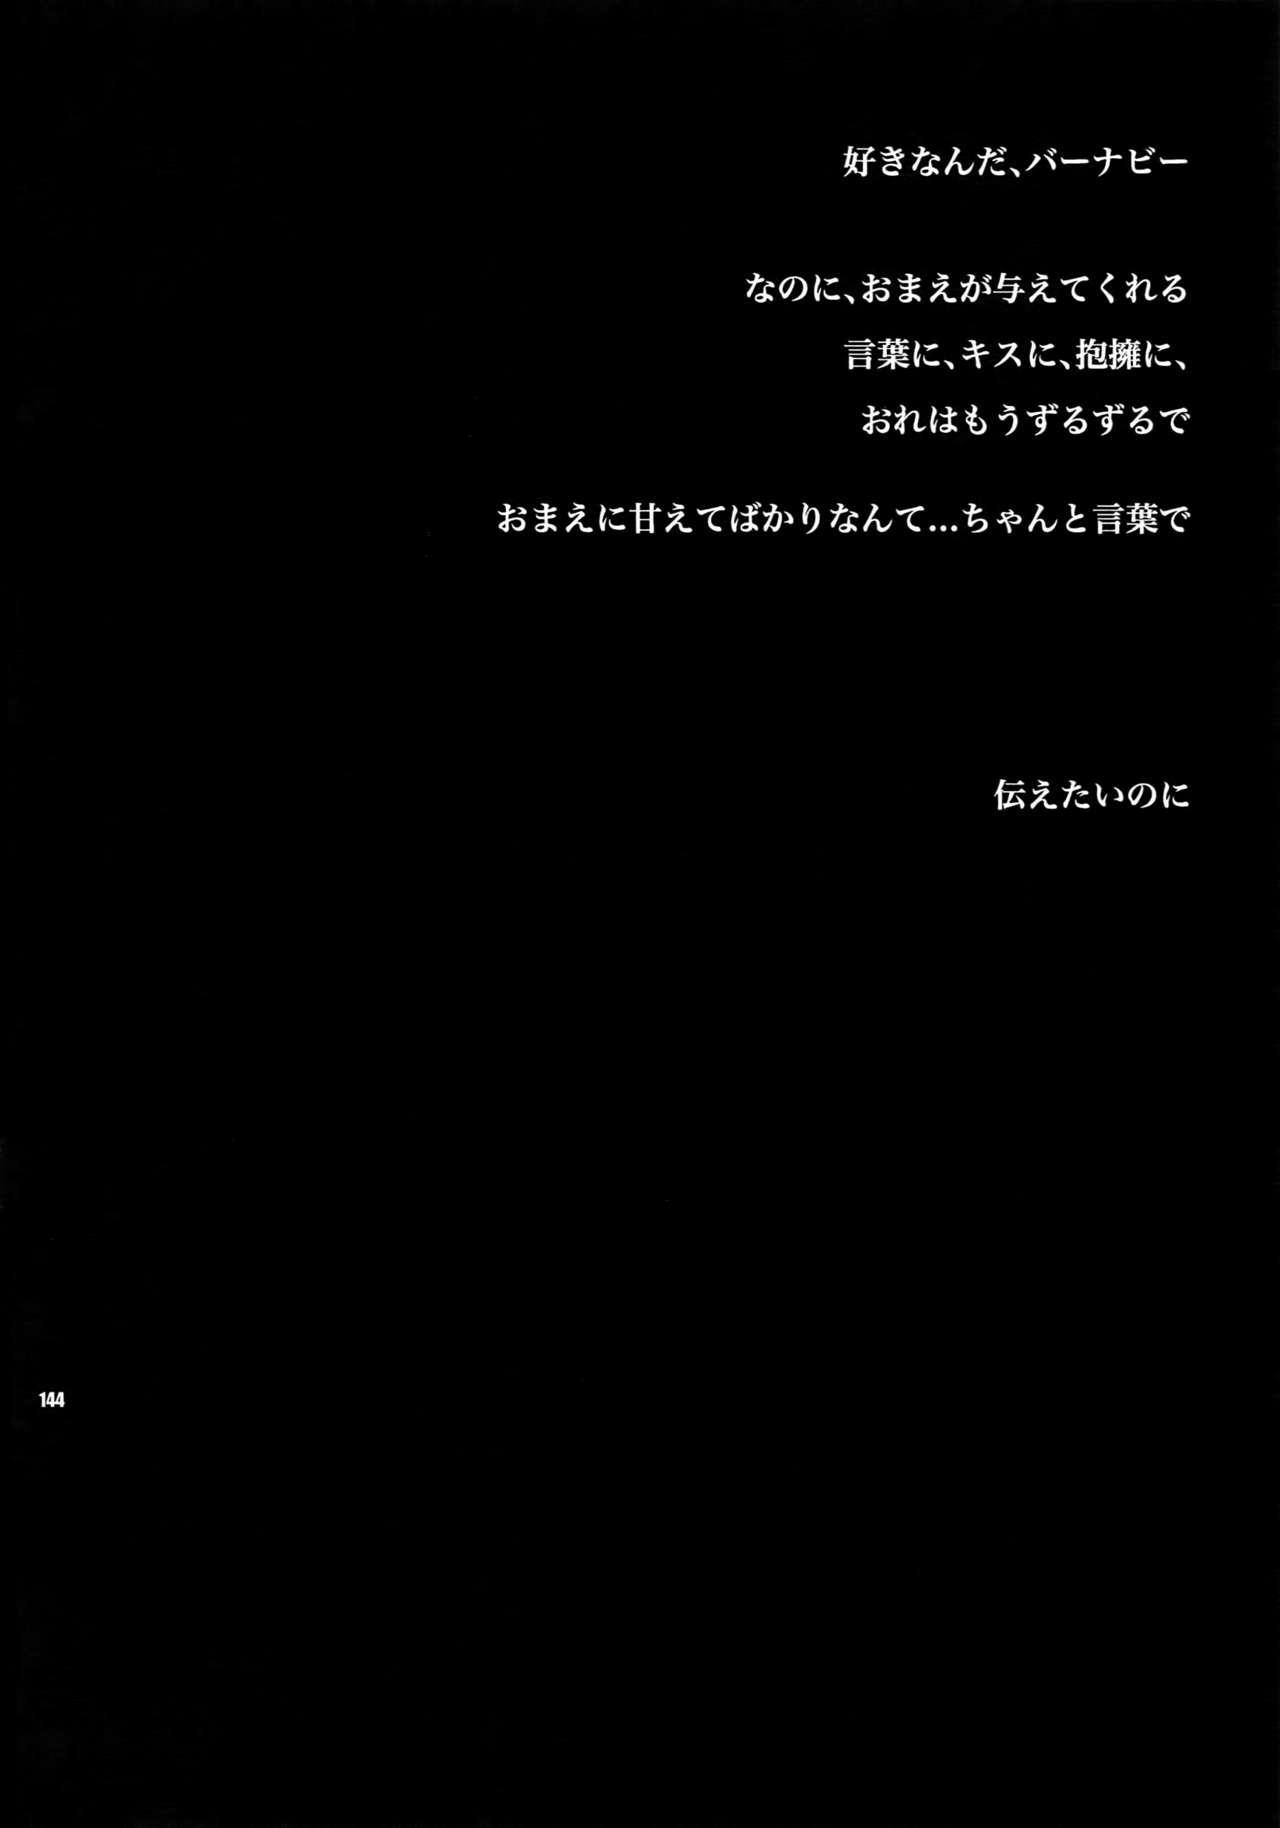 Sairoku 142